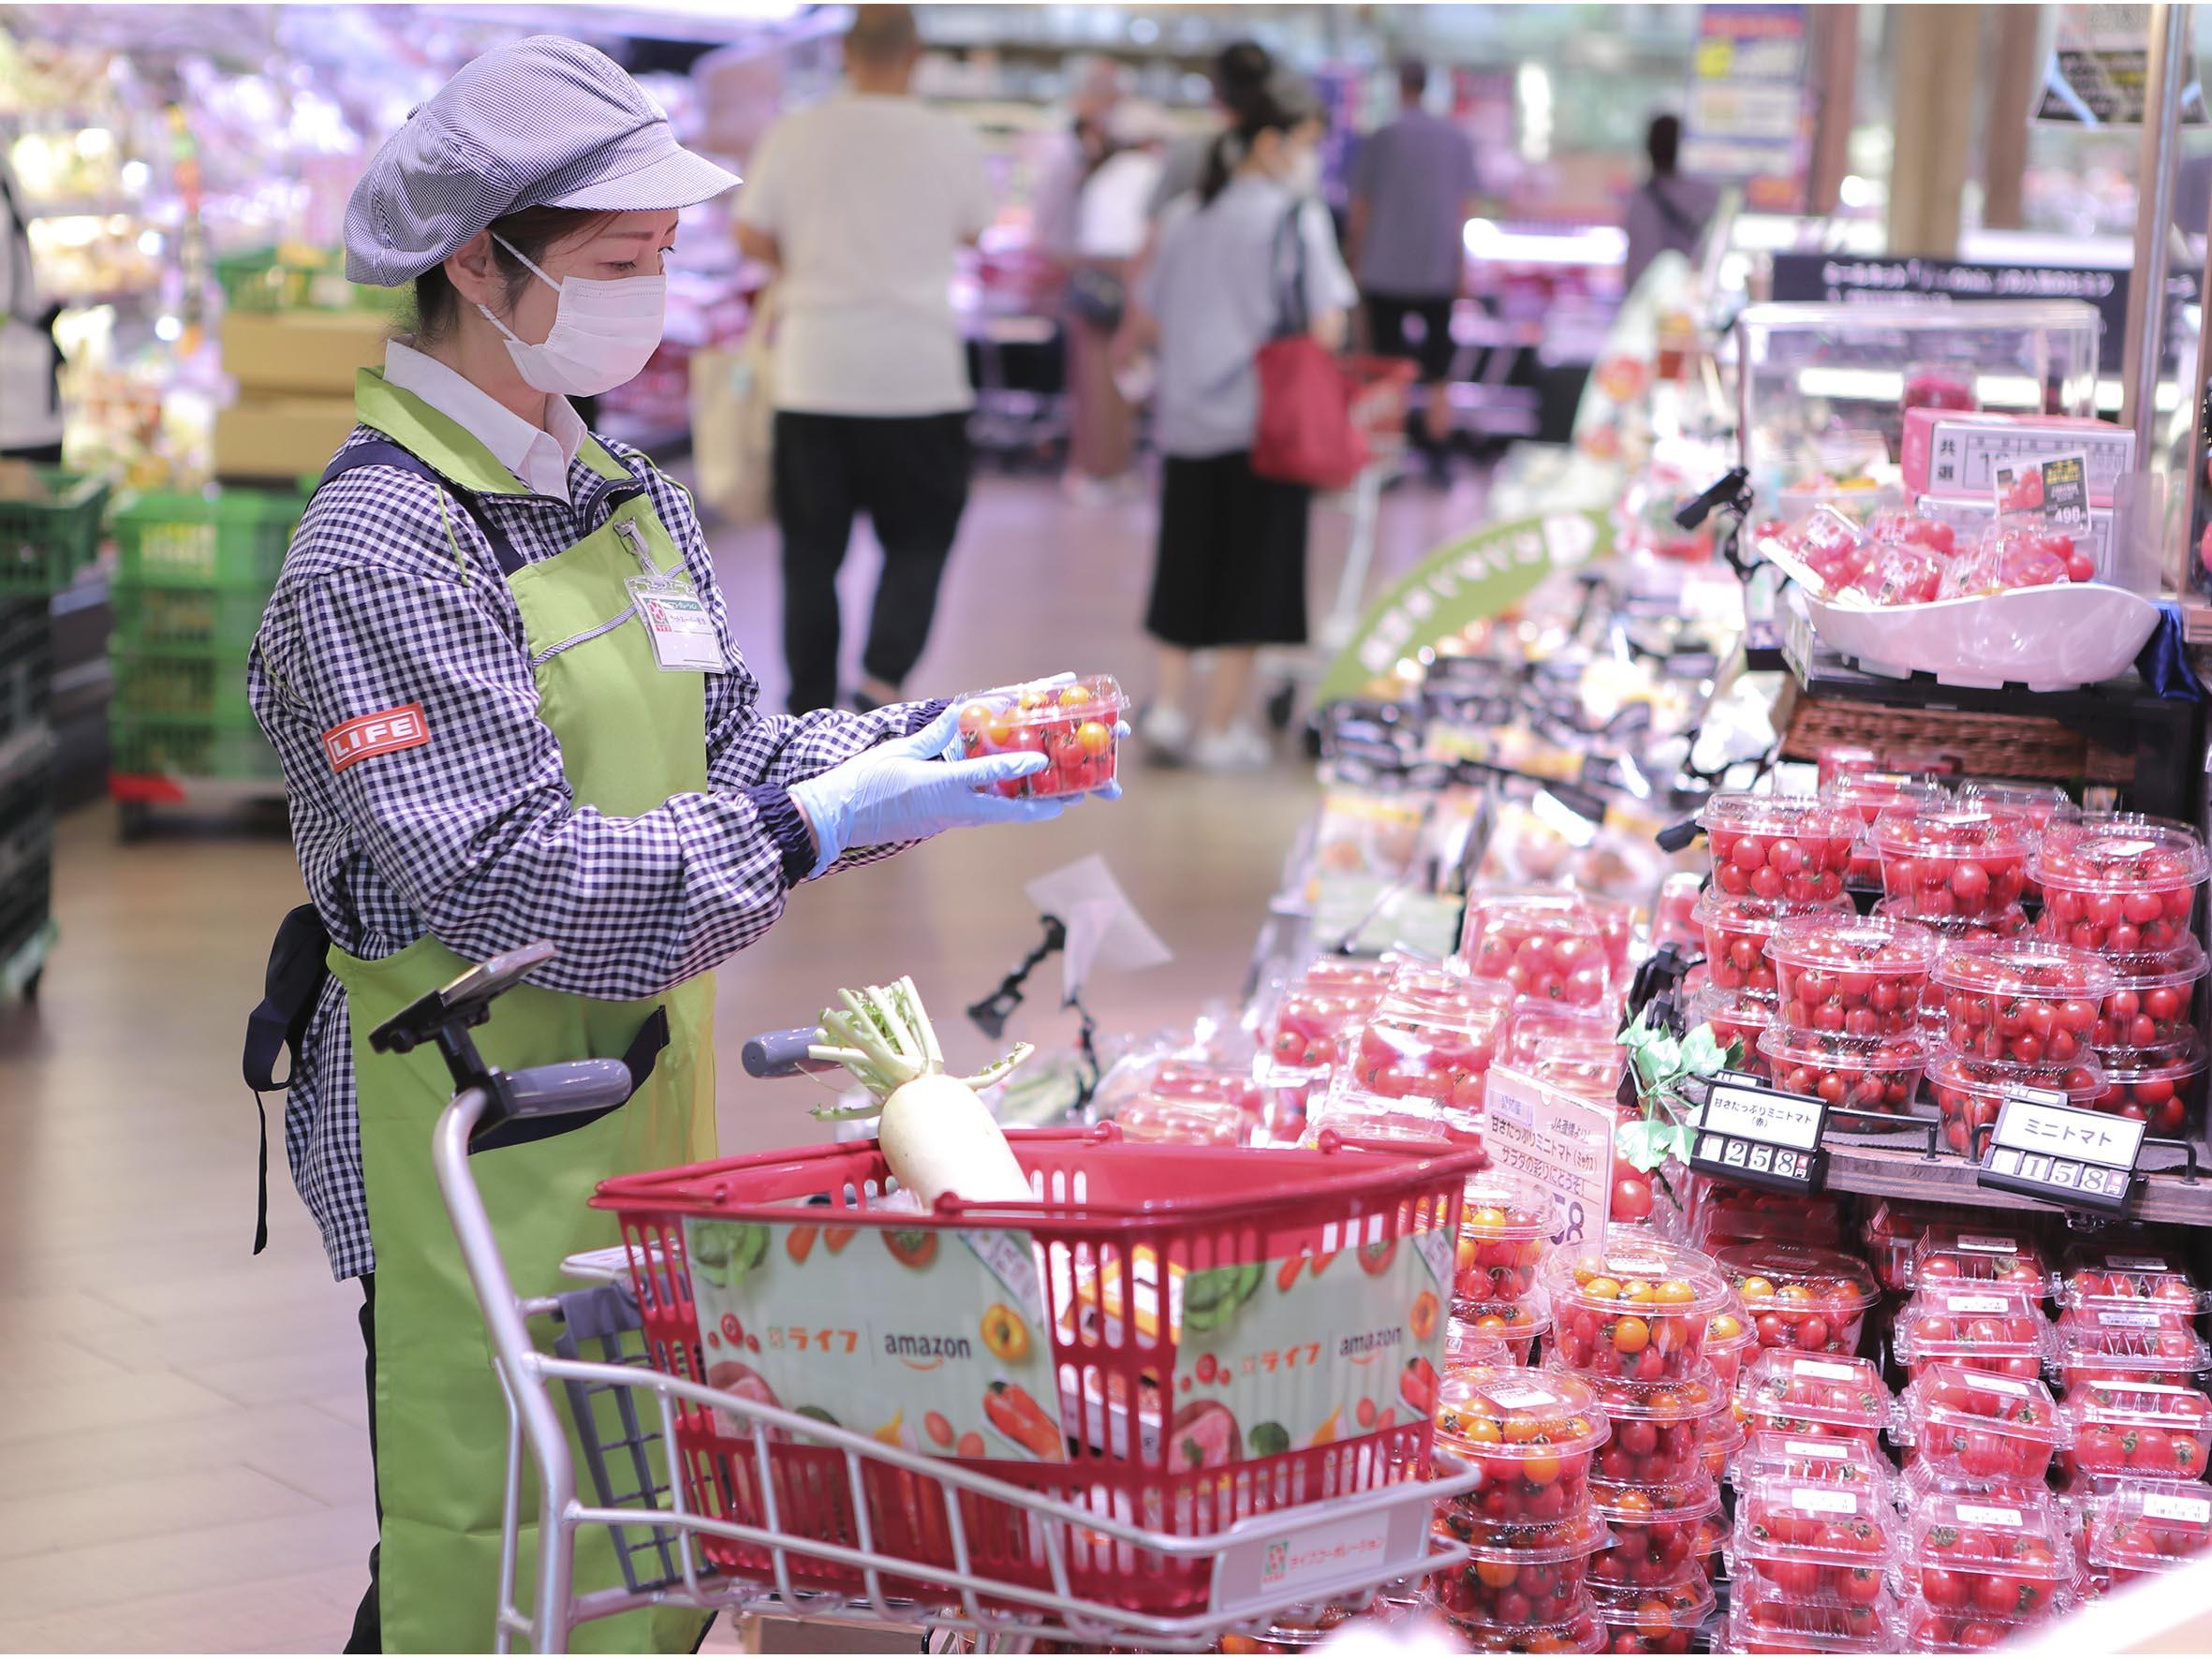 ライフで取り扱う生鮮食品や惣菜をAmazonを通じてお届け